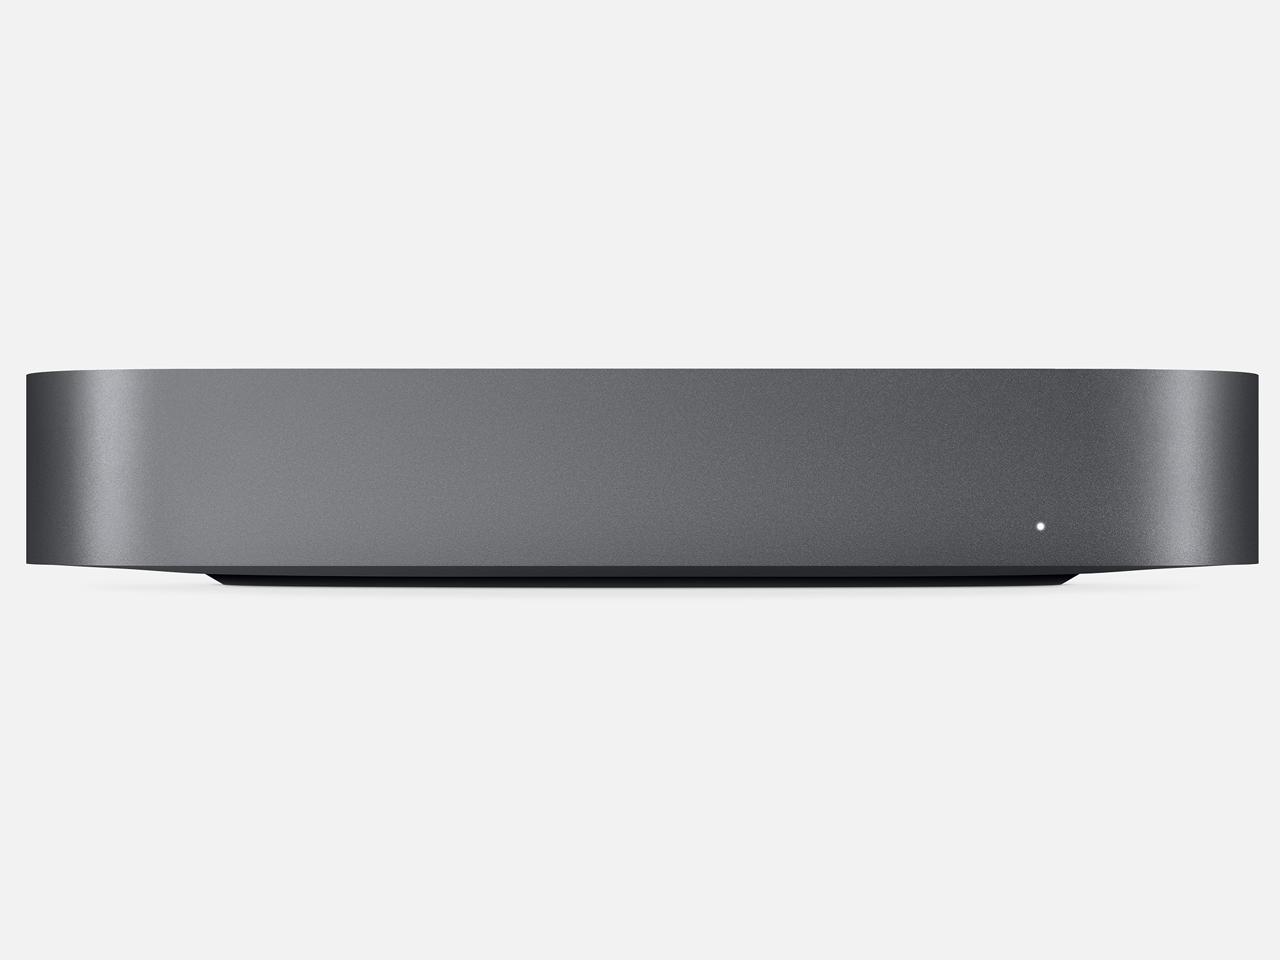 『本体2』 Mac mini MRTT2J/A [3000 スペースグレイ] の製品画像